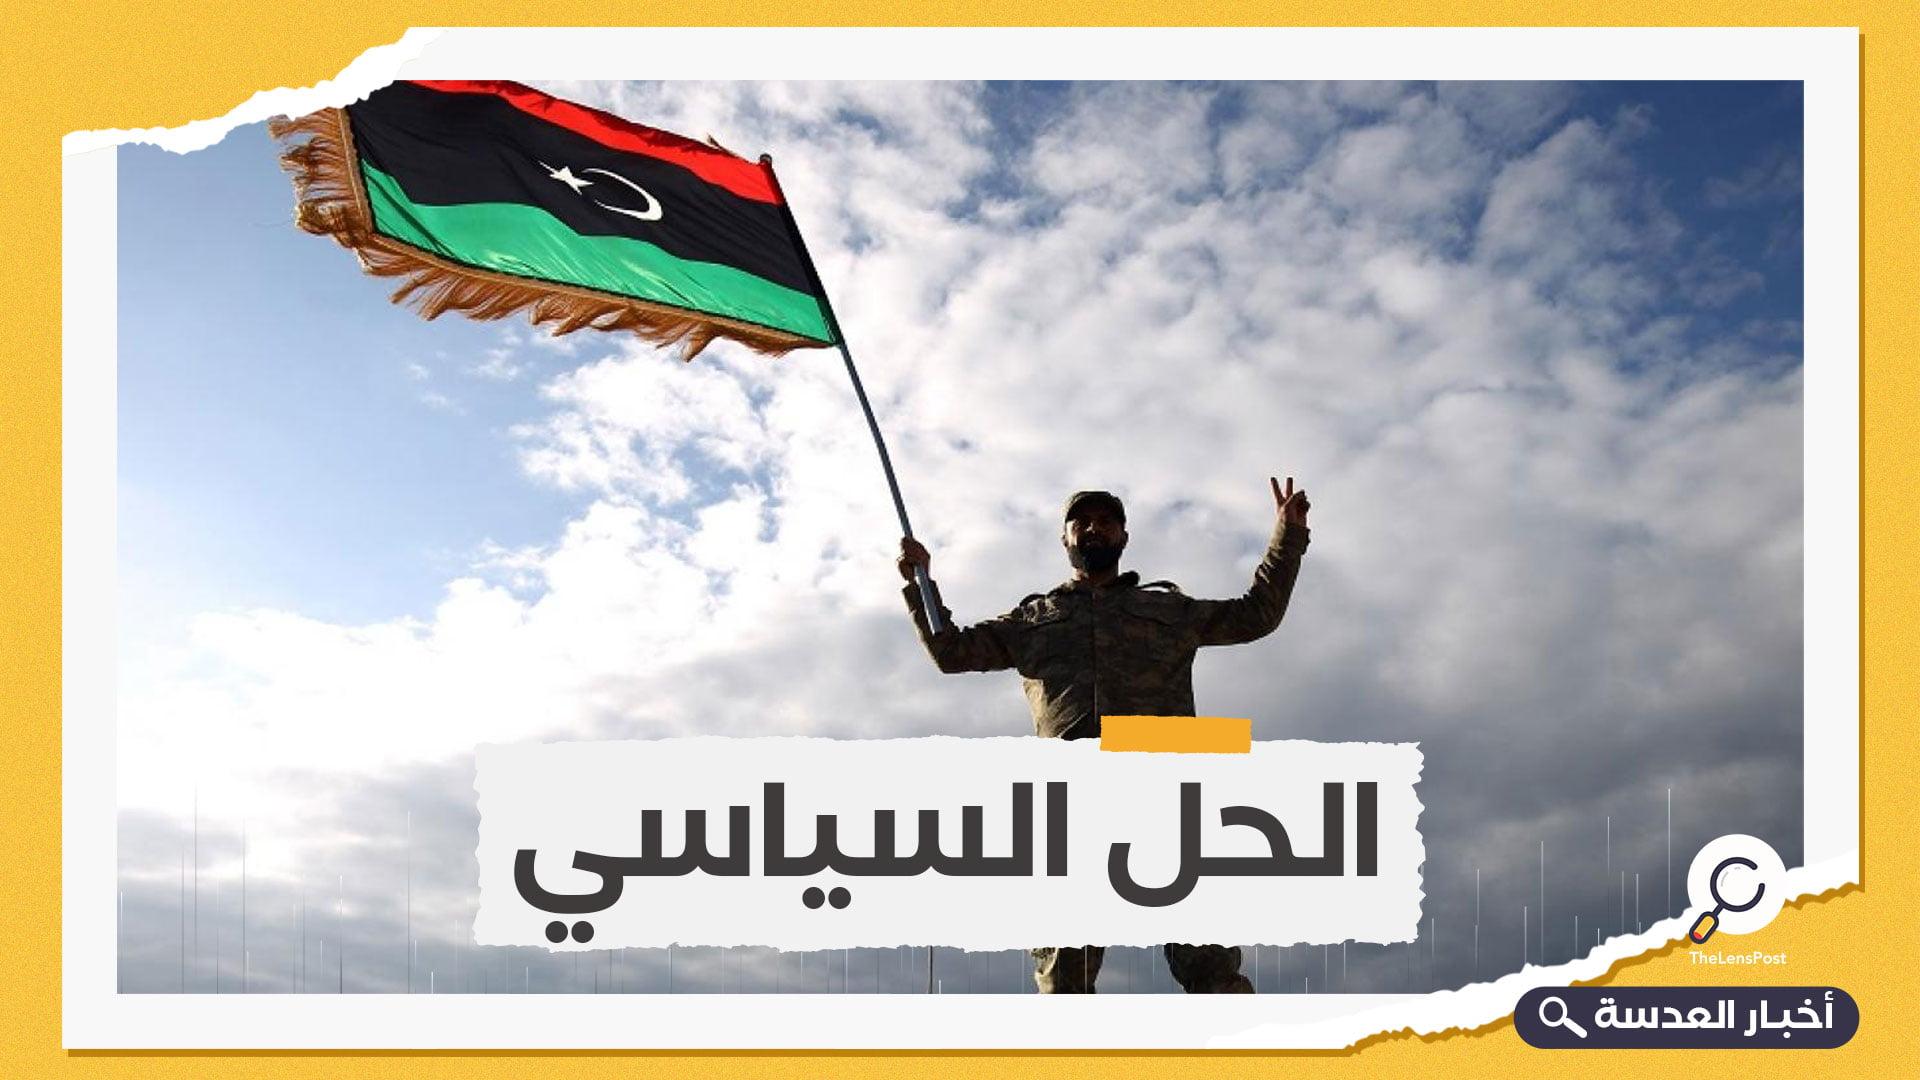 ليبيا.. الأمم المتحدة تعلن أسماء المرشحين للمجلس الرئاسي ومنصب رئيس الوزراء